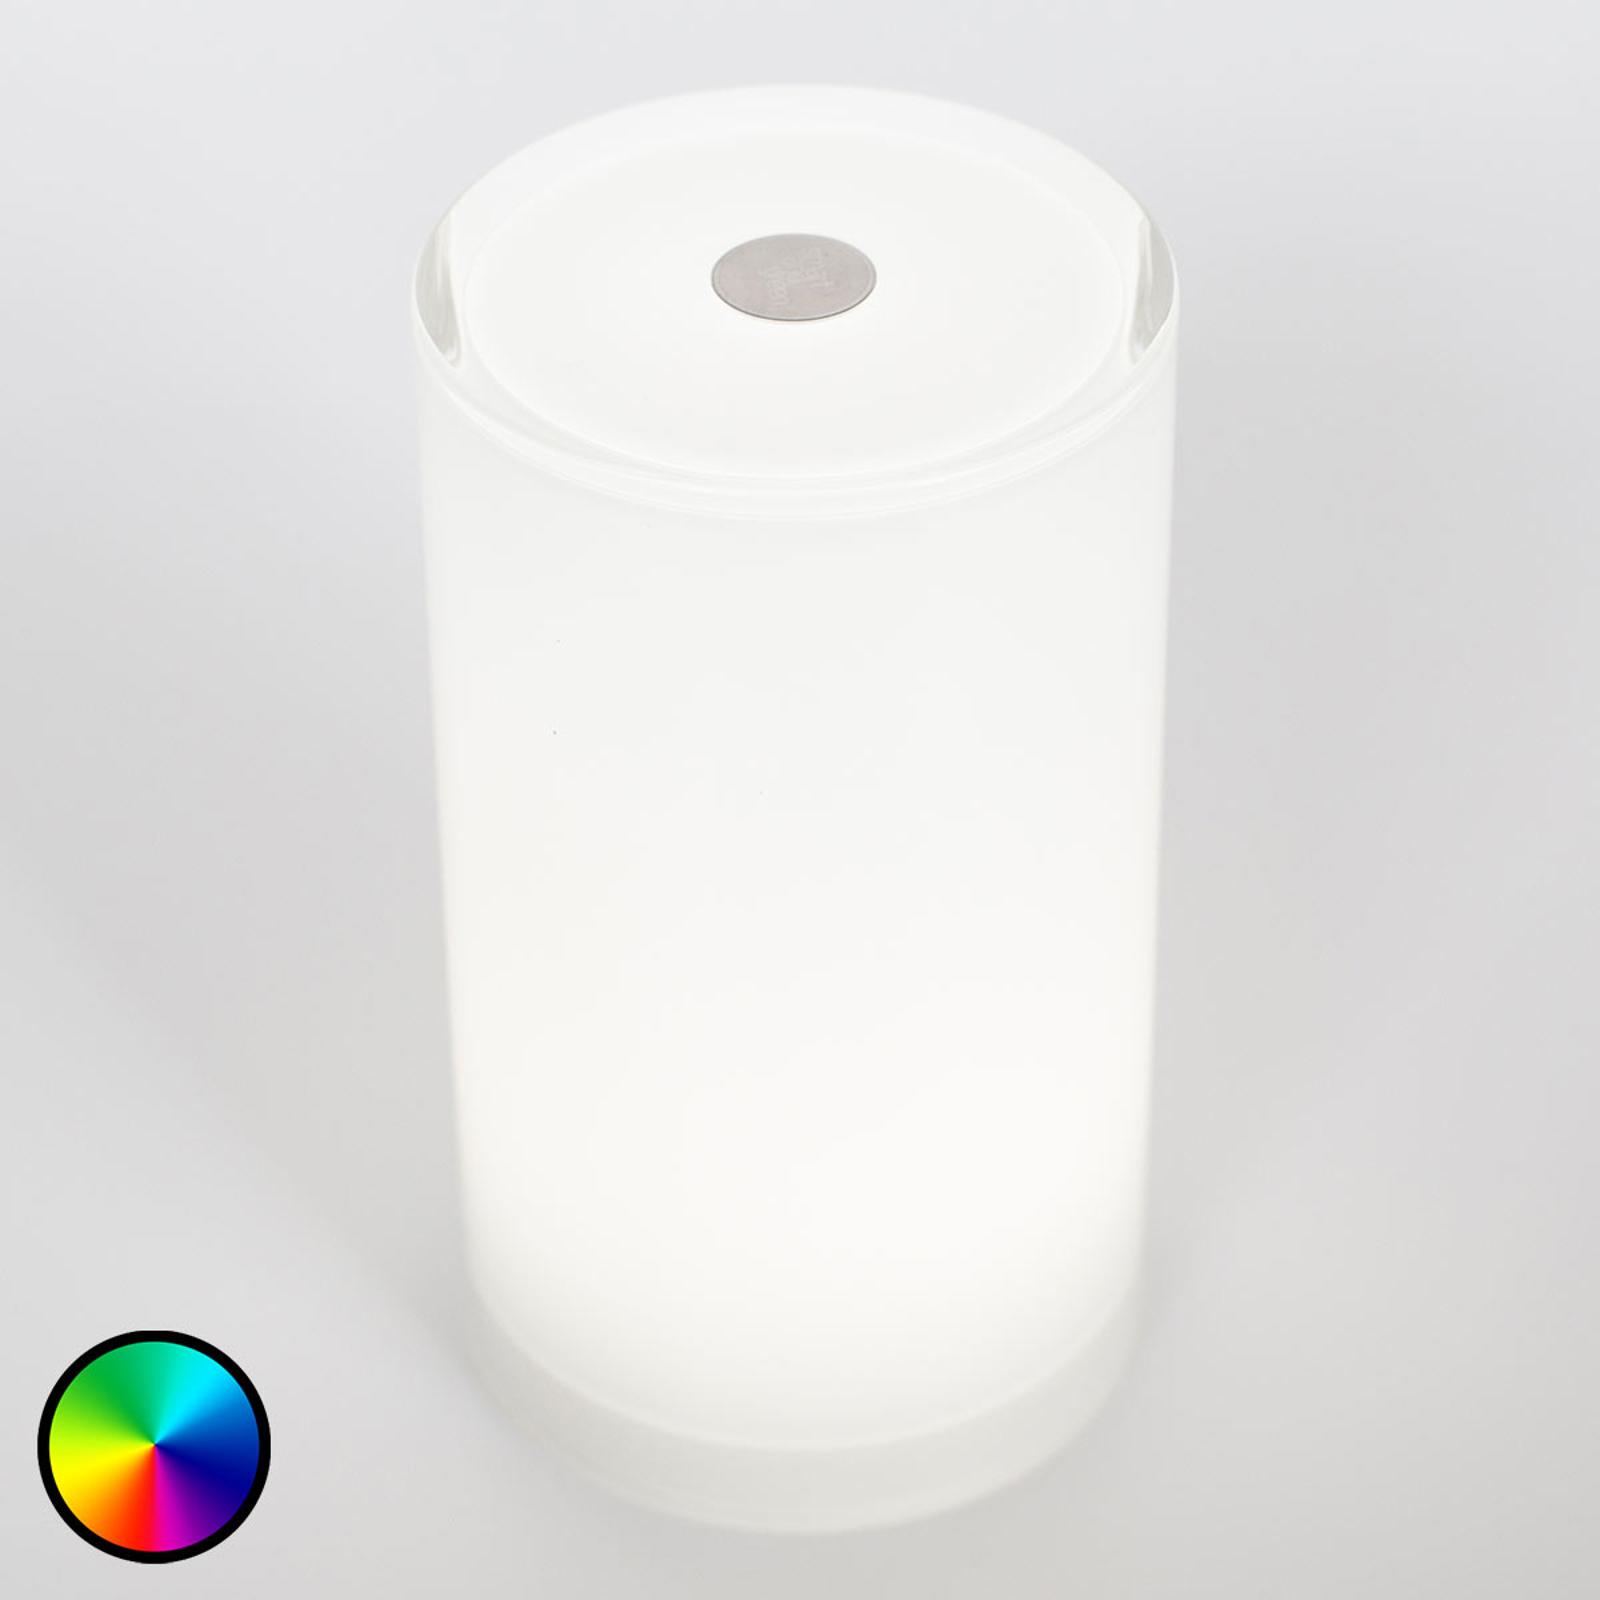 Trådløs bordlampe Tub styrbar med app, RGBW